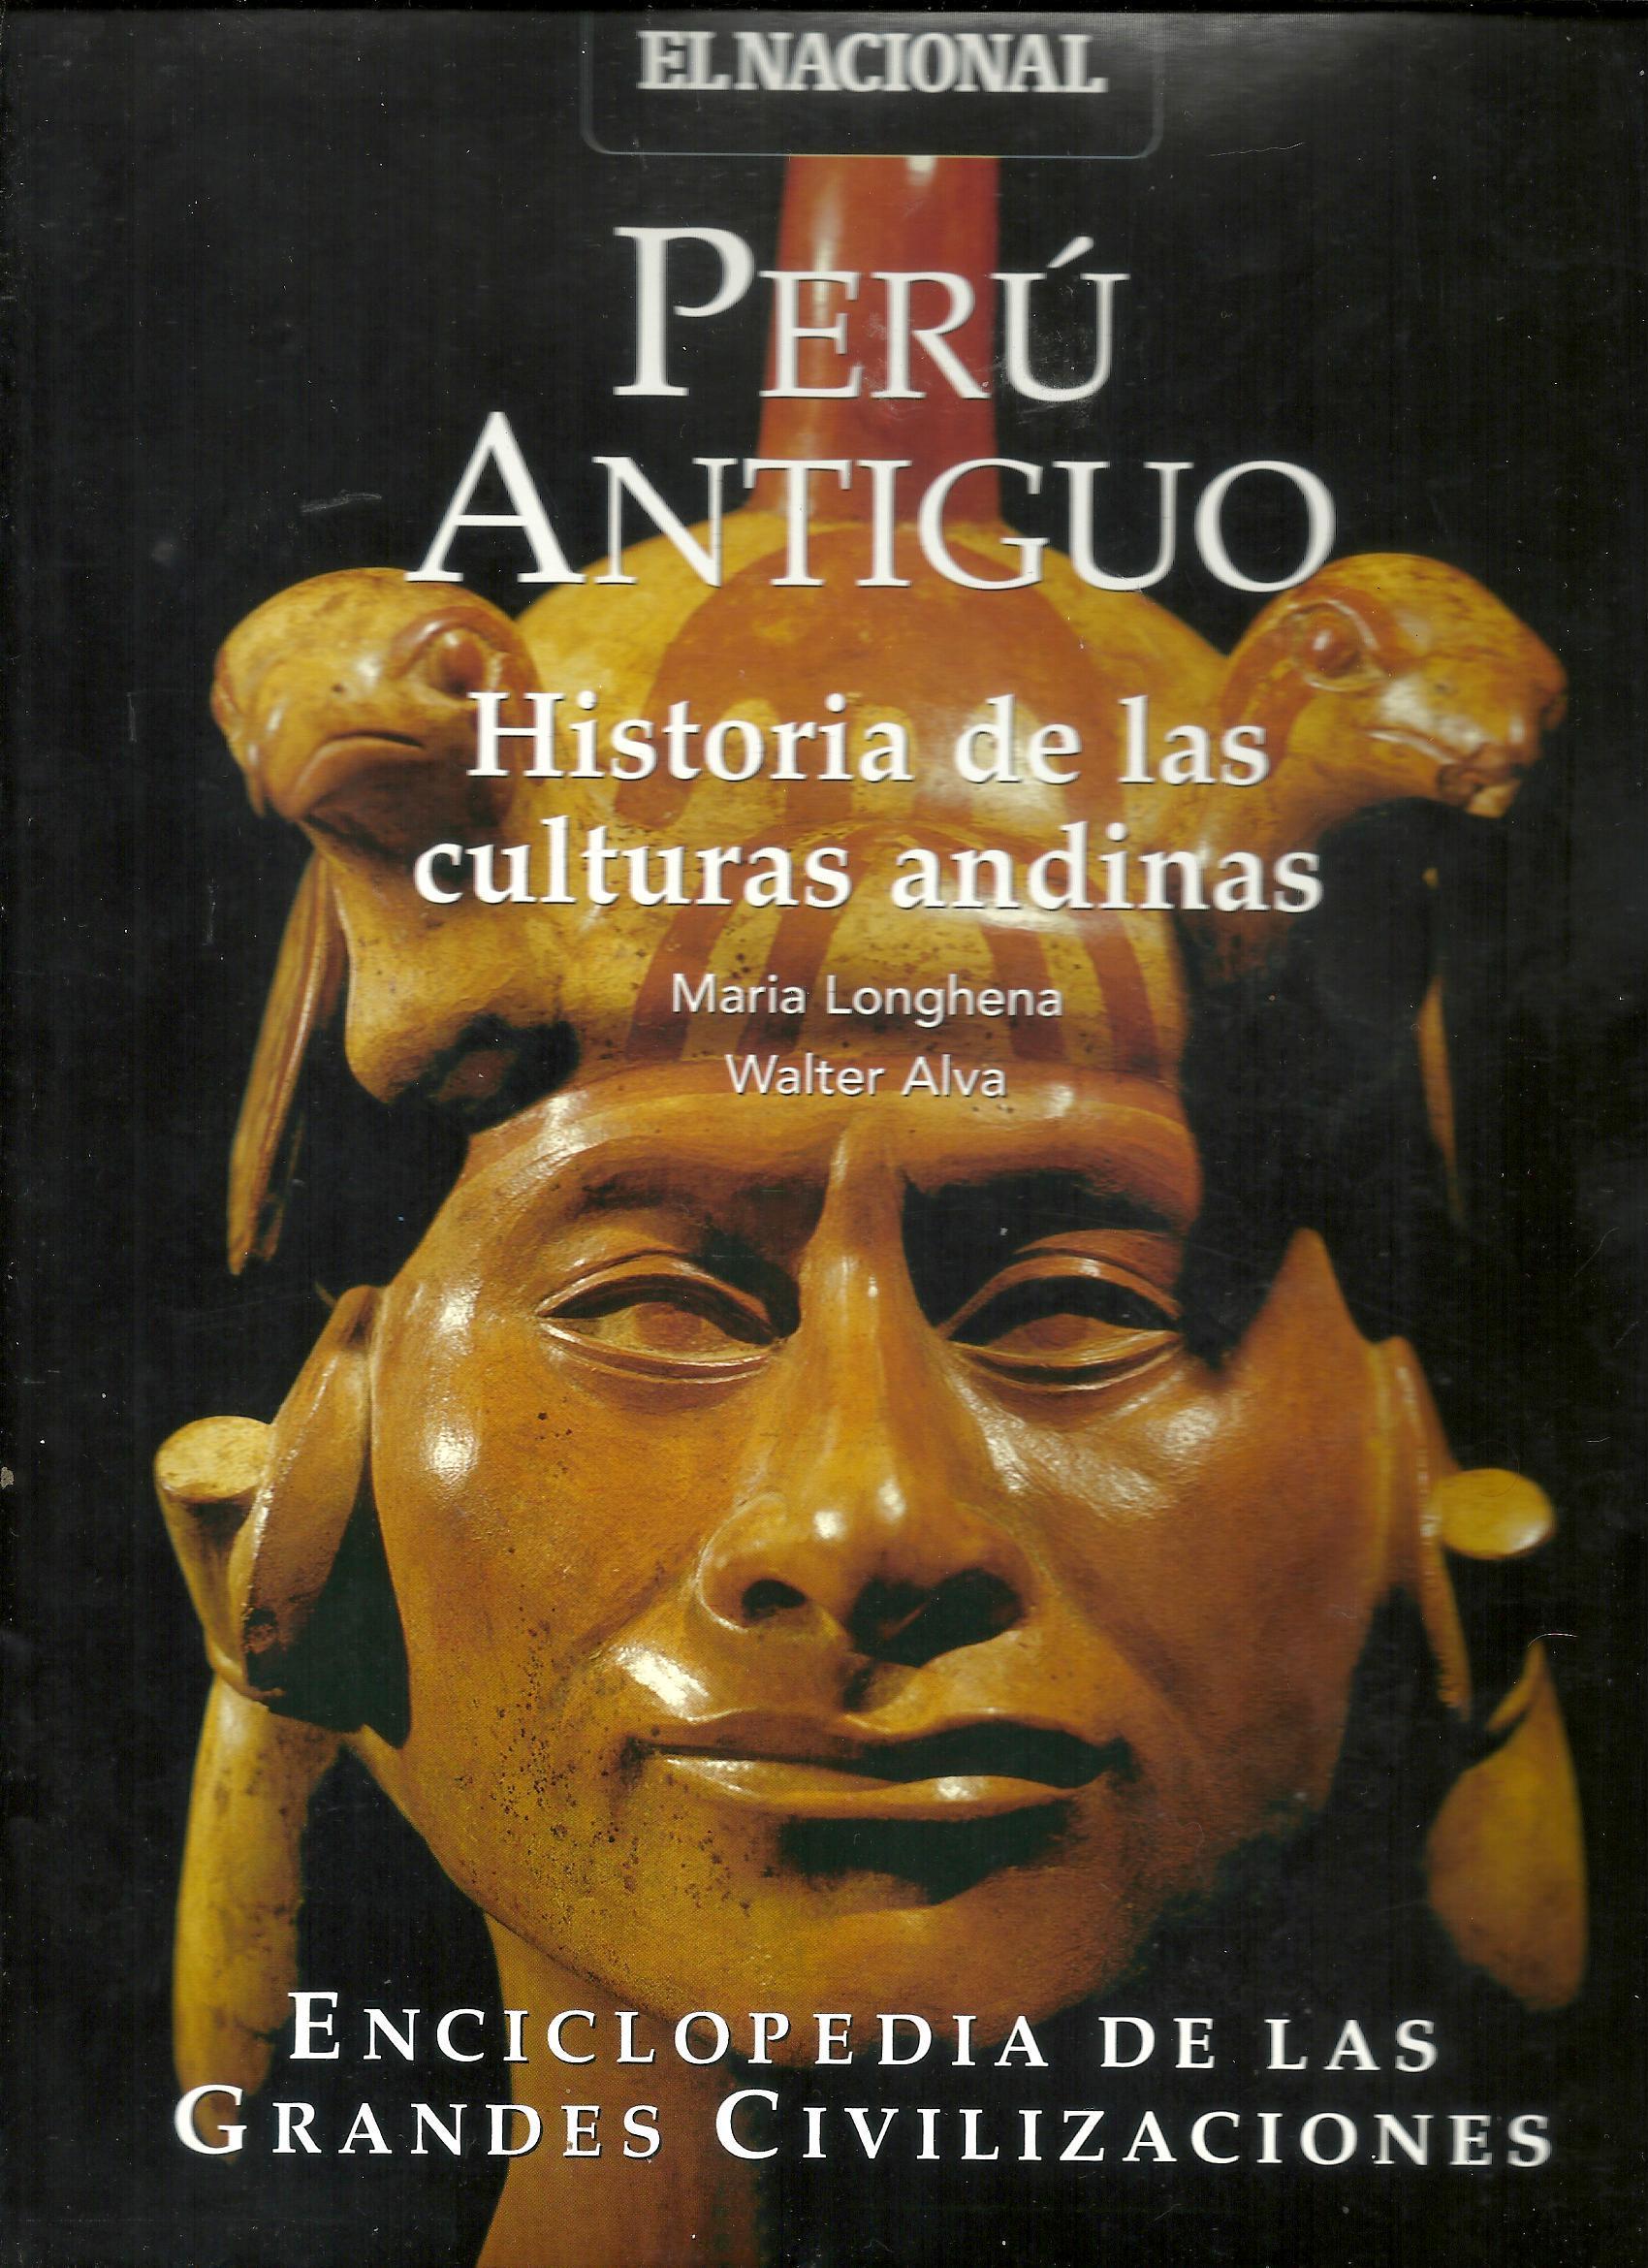 Perú Antiguo: Historia de las culturas andinas (Enciclopedia de las Grandes Civilizaciones, Vol. 15) Maria Longhena